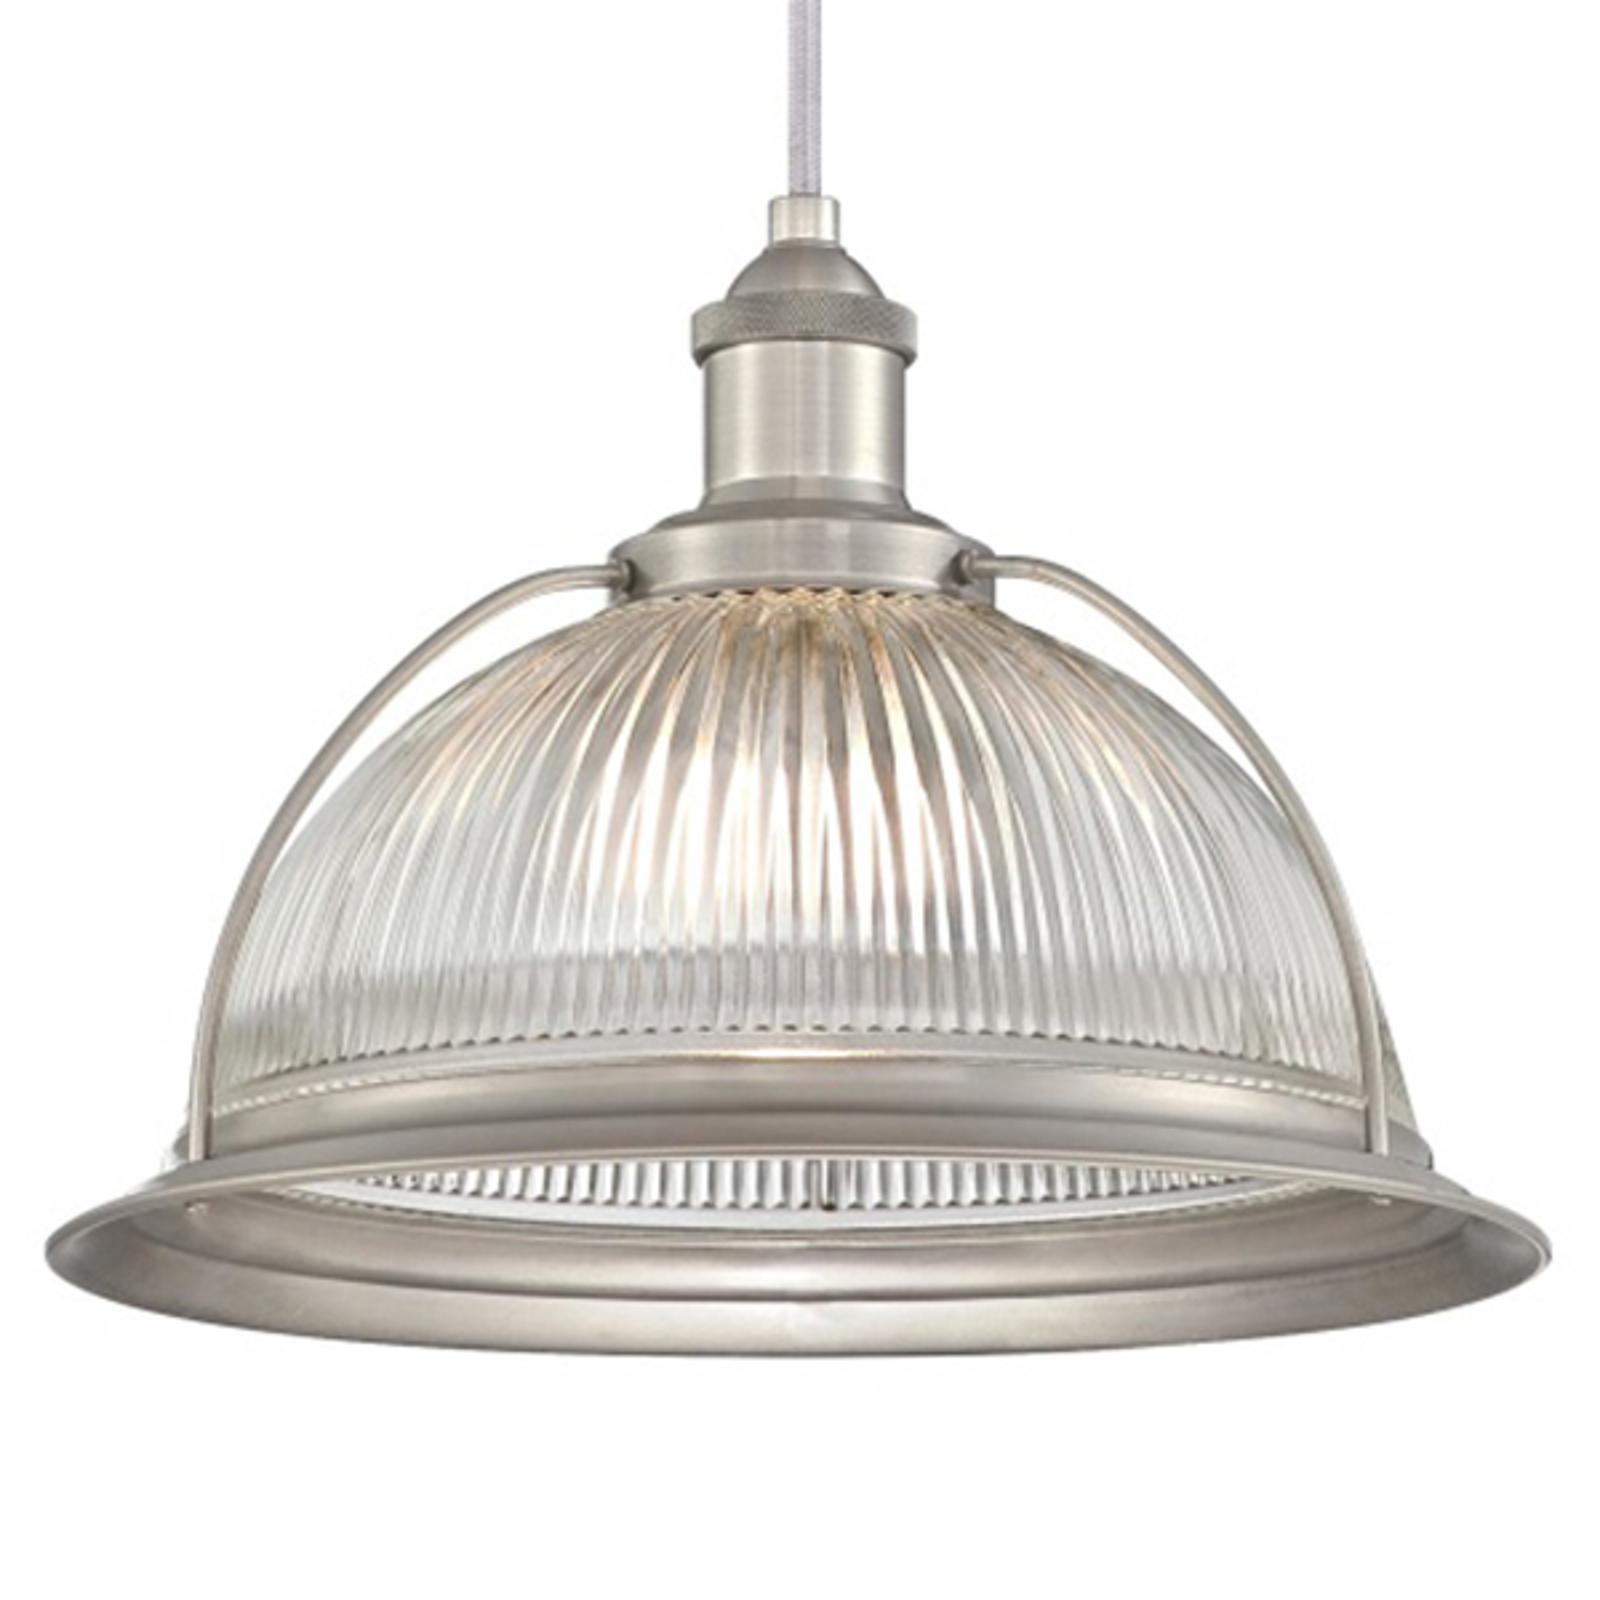 Westinghouse 6338740 lampa wisząca, szkło, nikiel